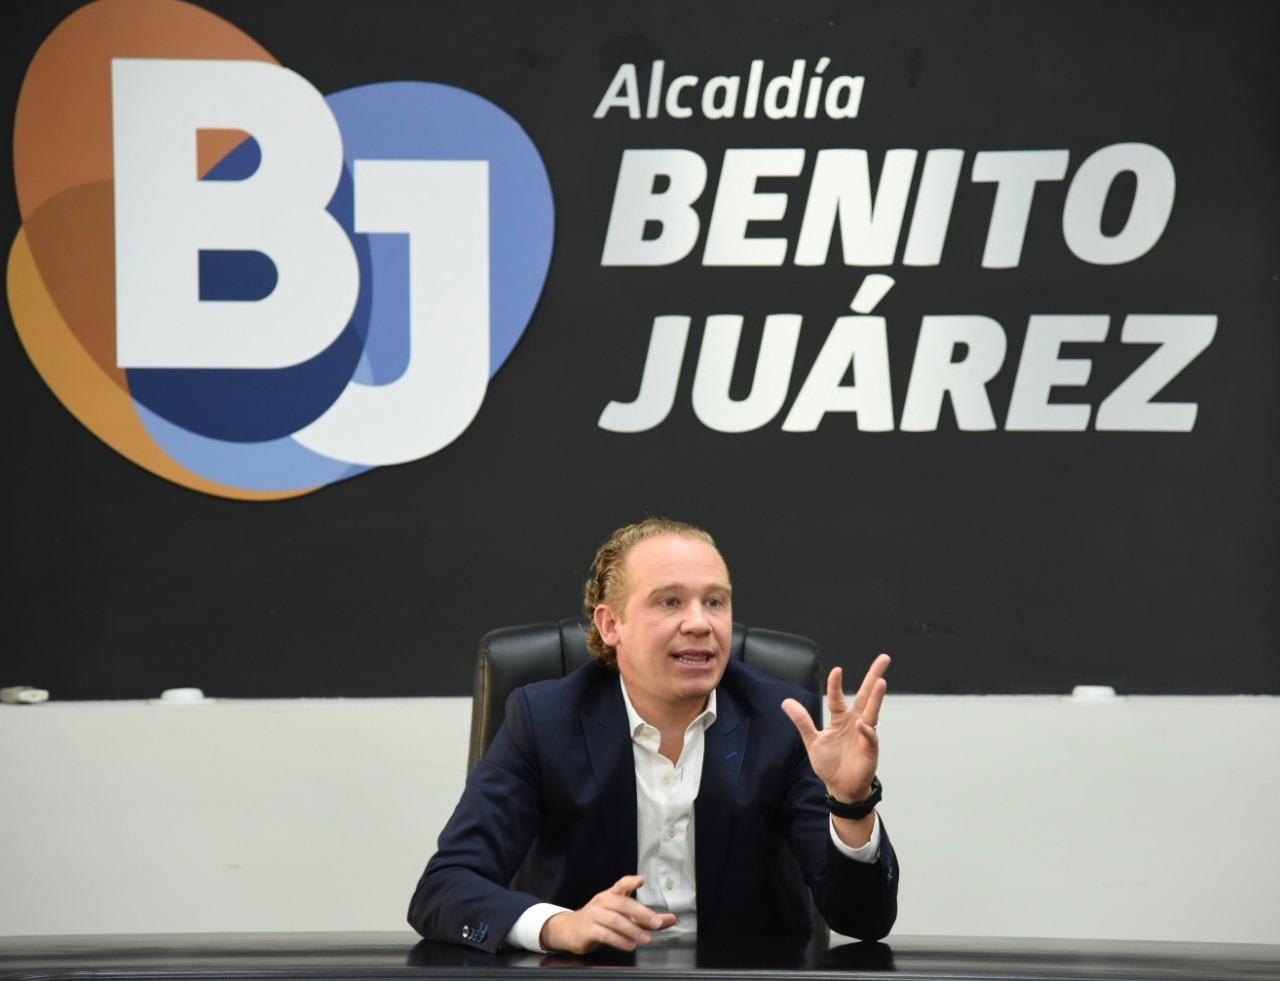 Alcaldía Benito Juárez anuncia nuevas medidas ante Coronavirus